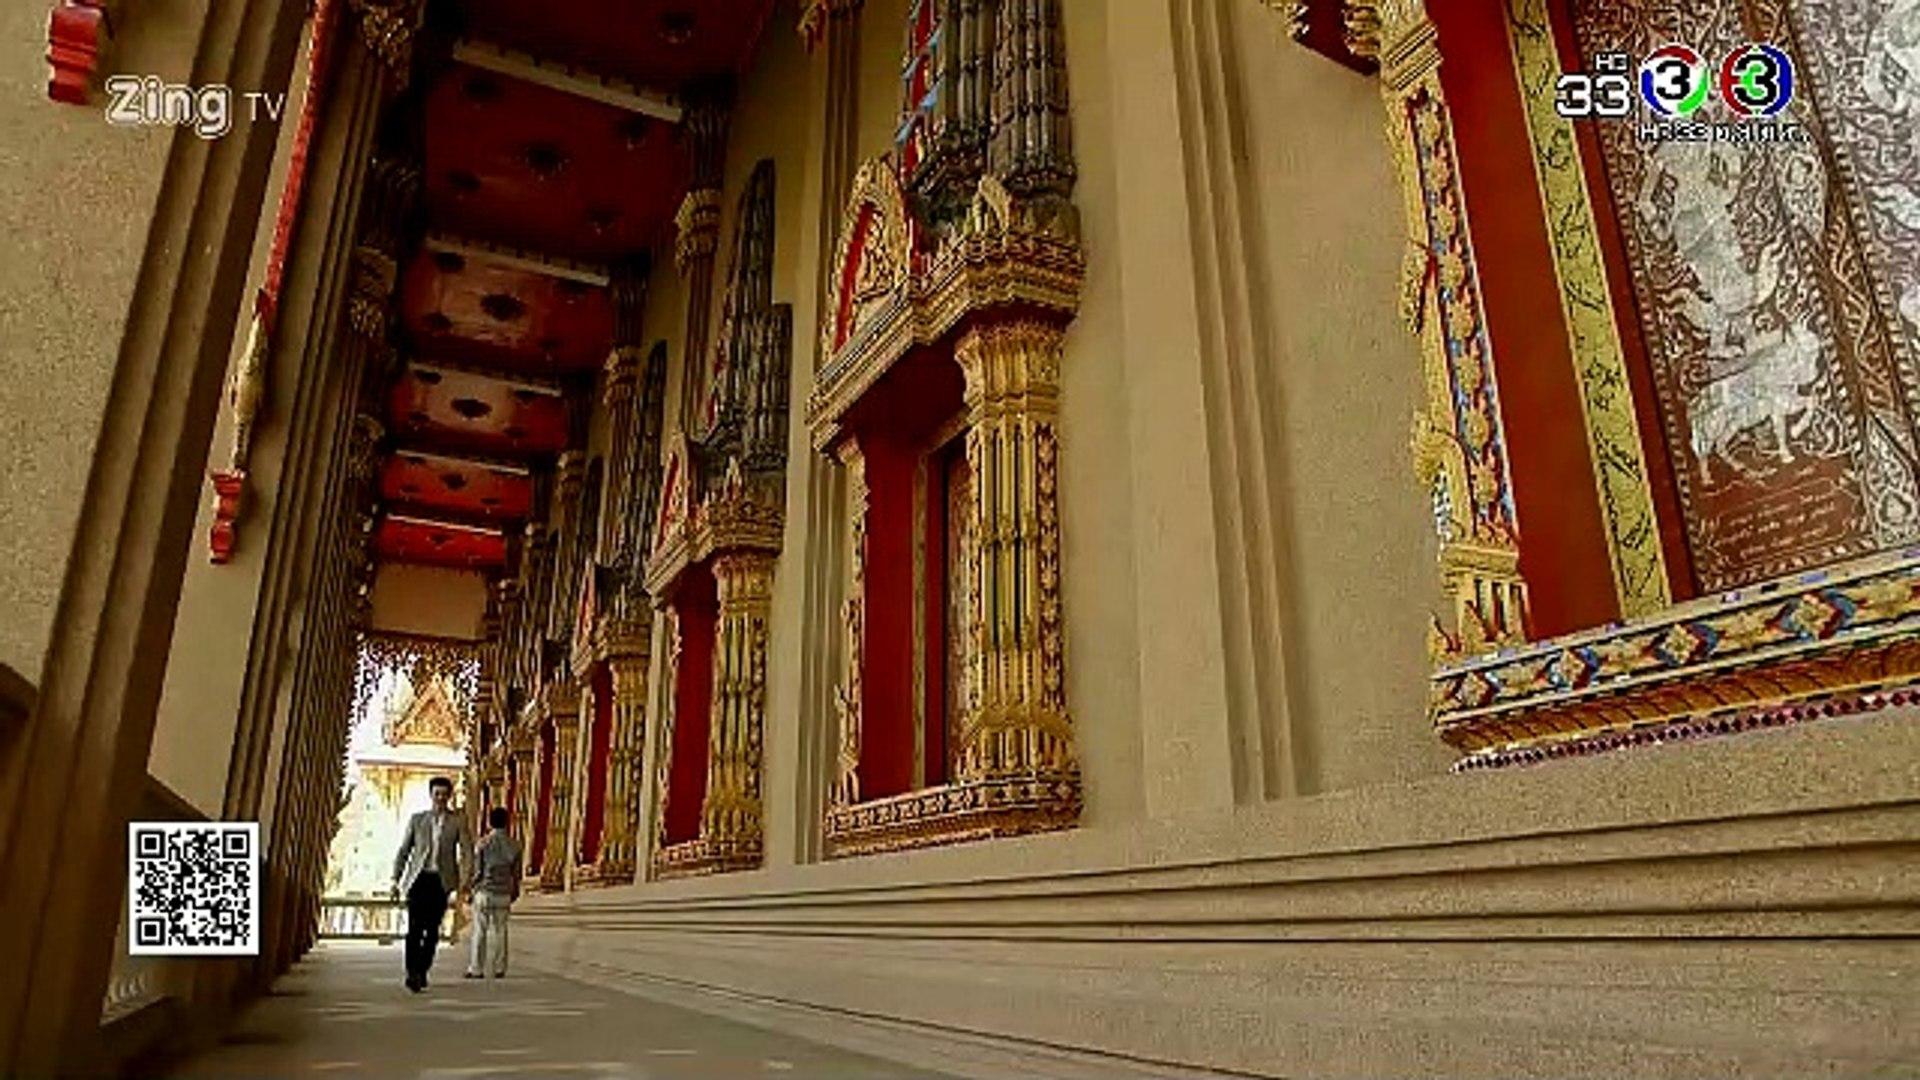 Yêu Trong Cuồng Hận Tập 35 - Hết - HTV2 Lồng Tiếng - Phim Thái Lan - Yêu Trong Cuồng Hận Tập Cuối -